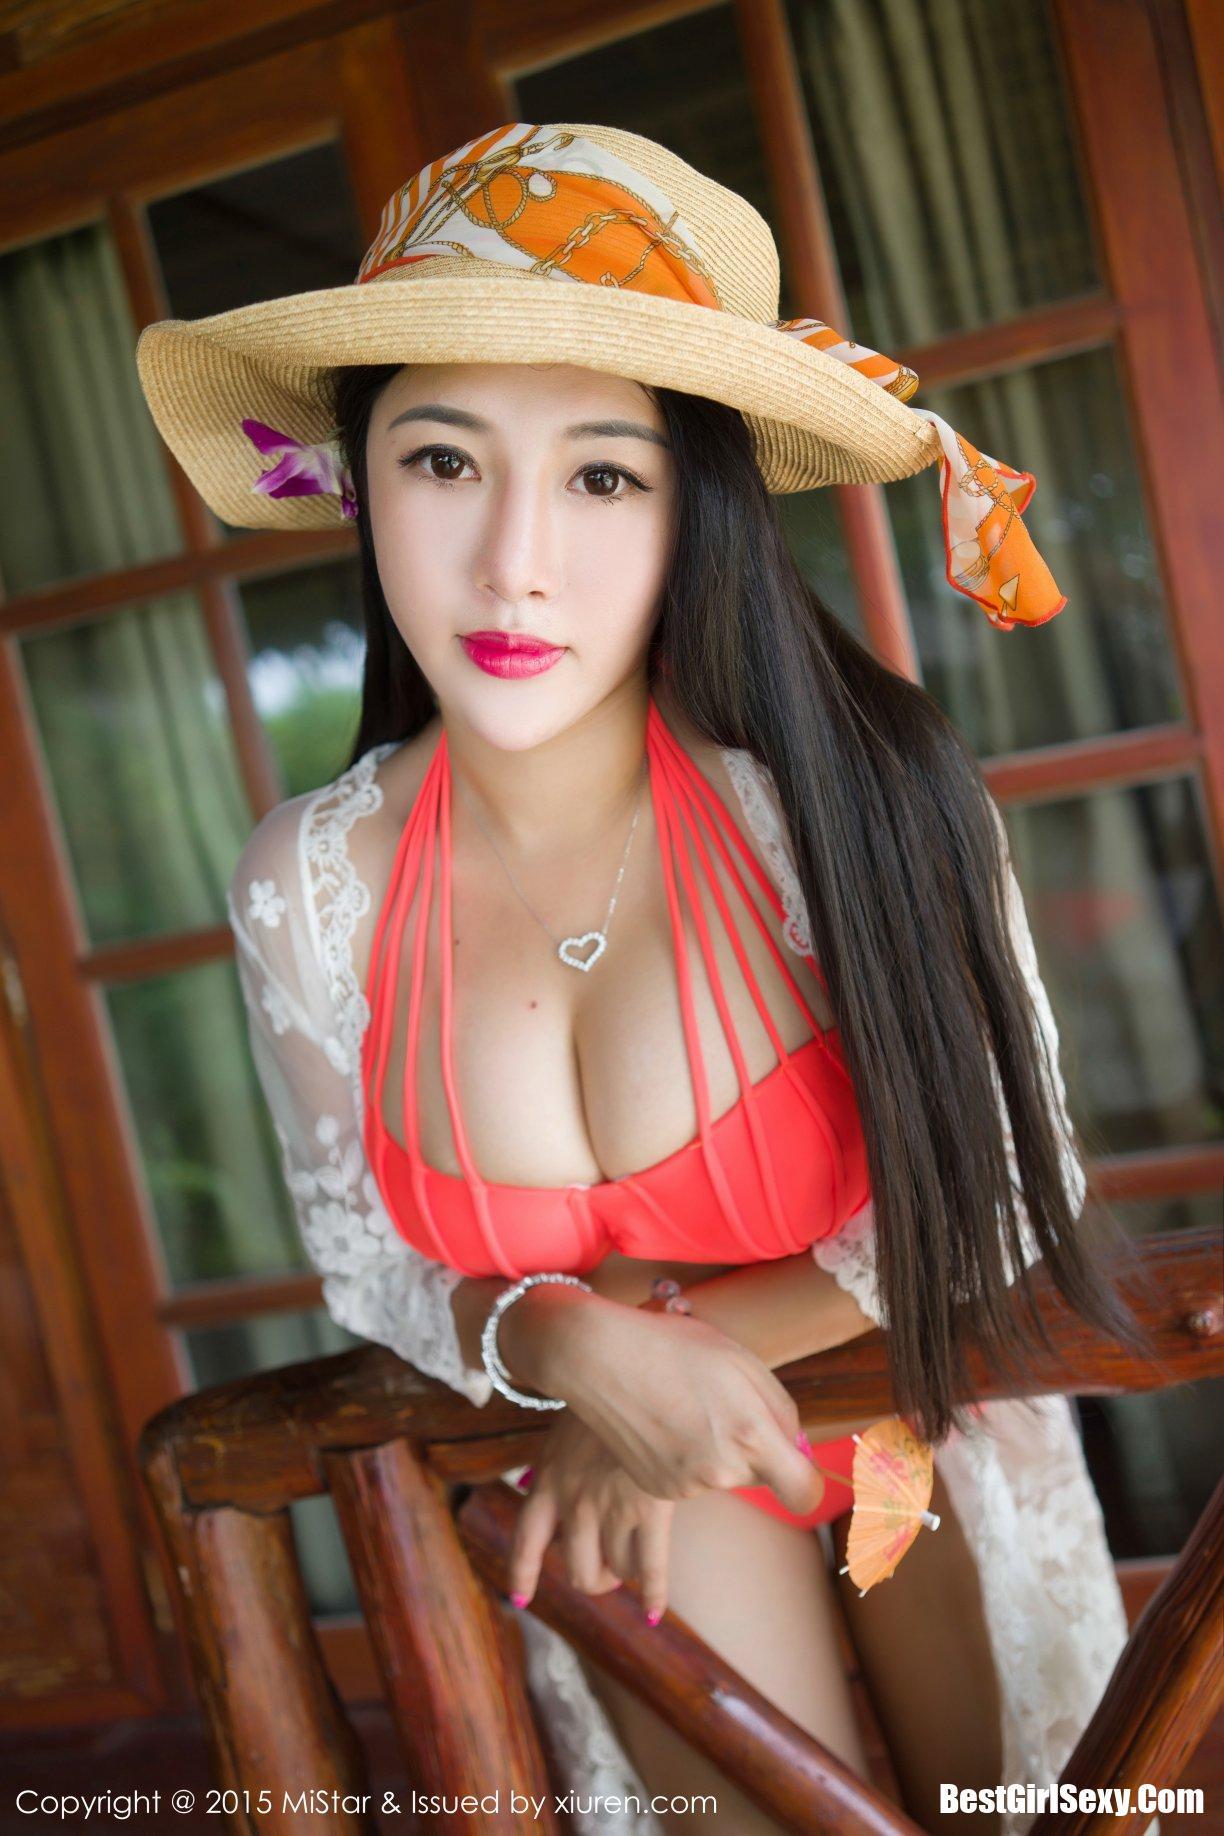 嘉嘉Tiffany-, MiStar魅妍社 Vol.036 Jia Jia Tiffany, MiStar魅妍社 Vol.036, Jia Jia Tiffany